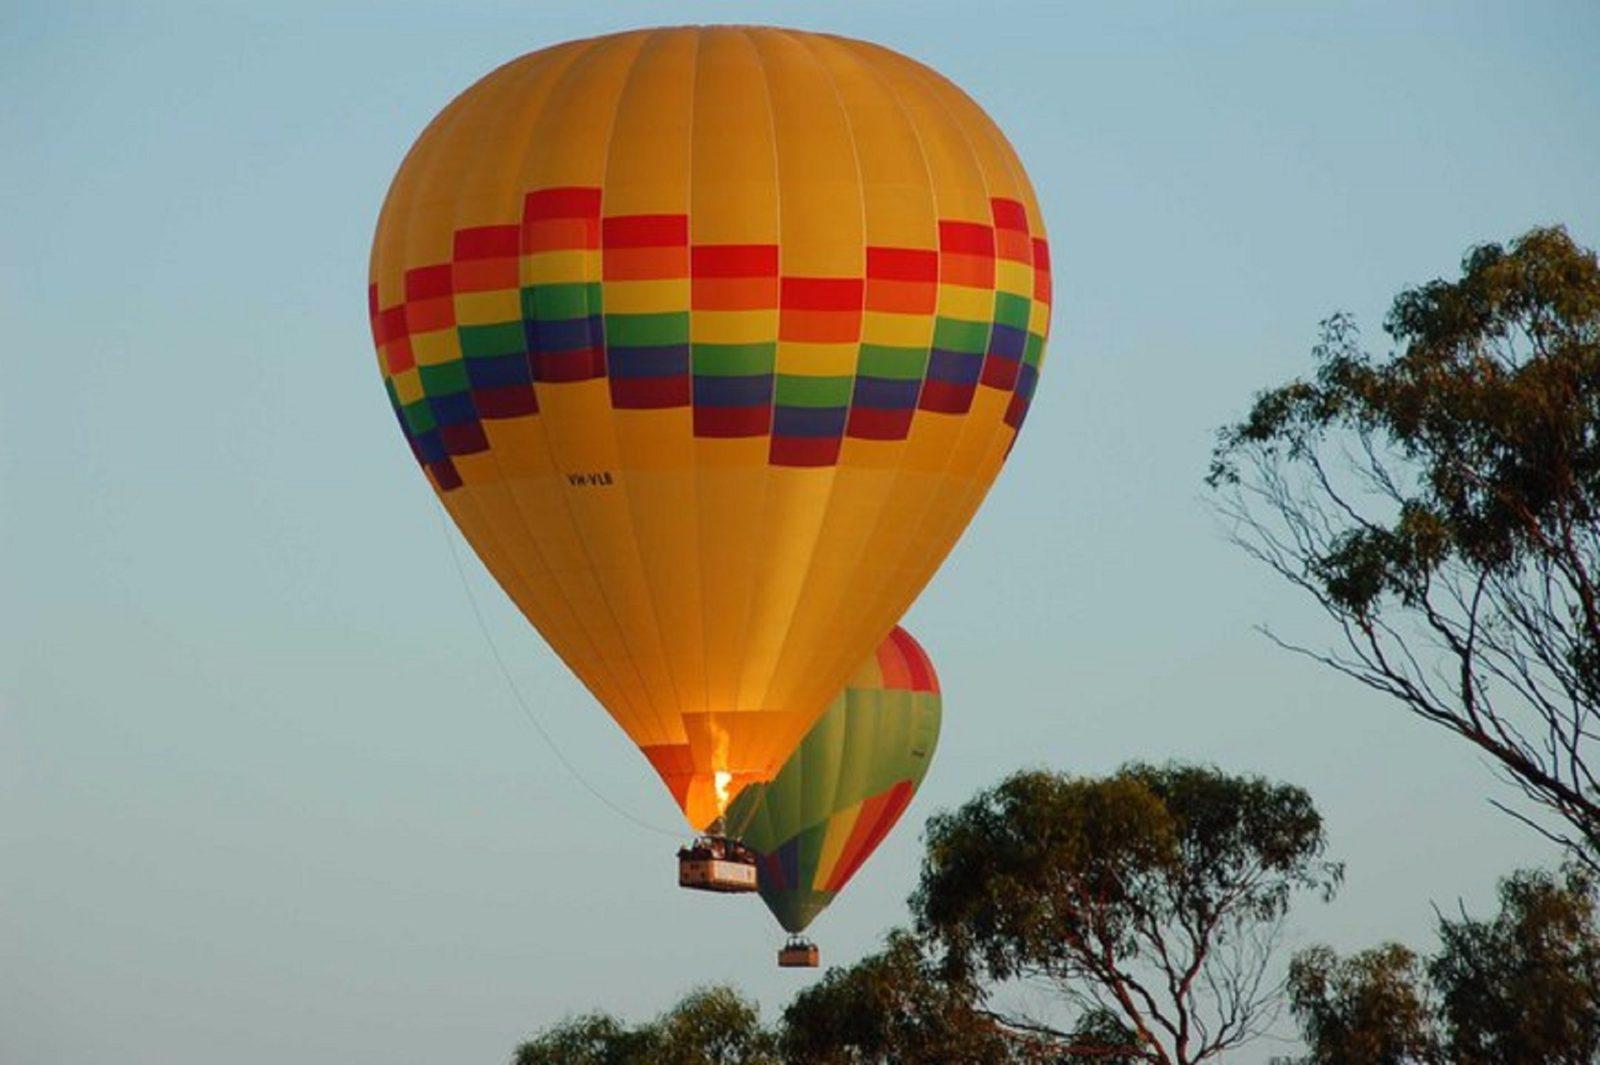 Windward Balloon Adventures